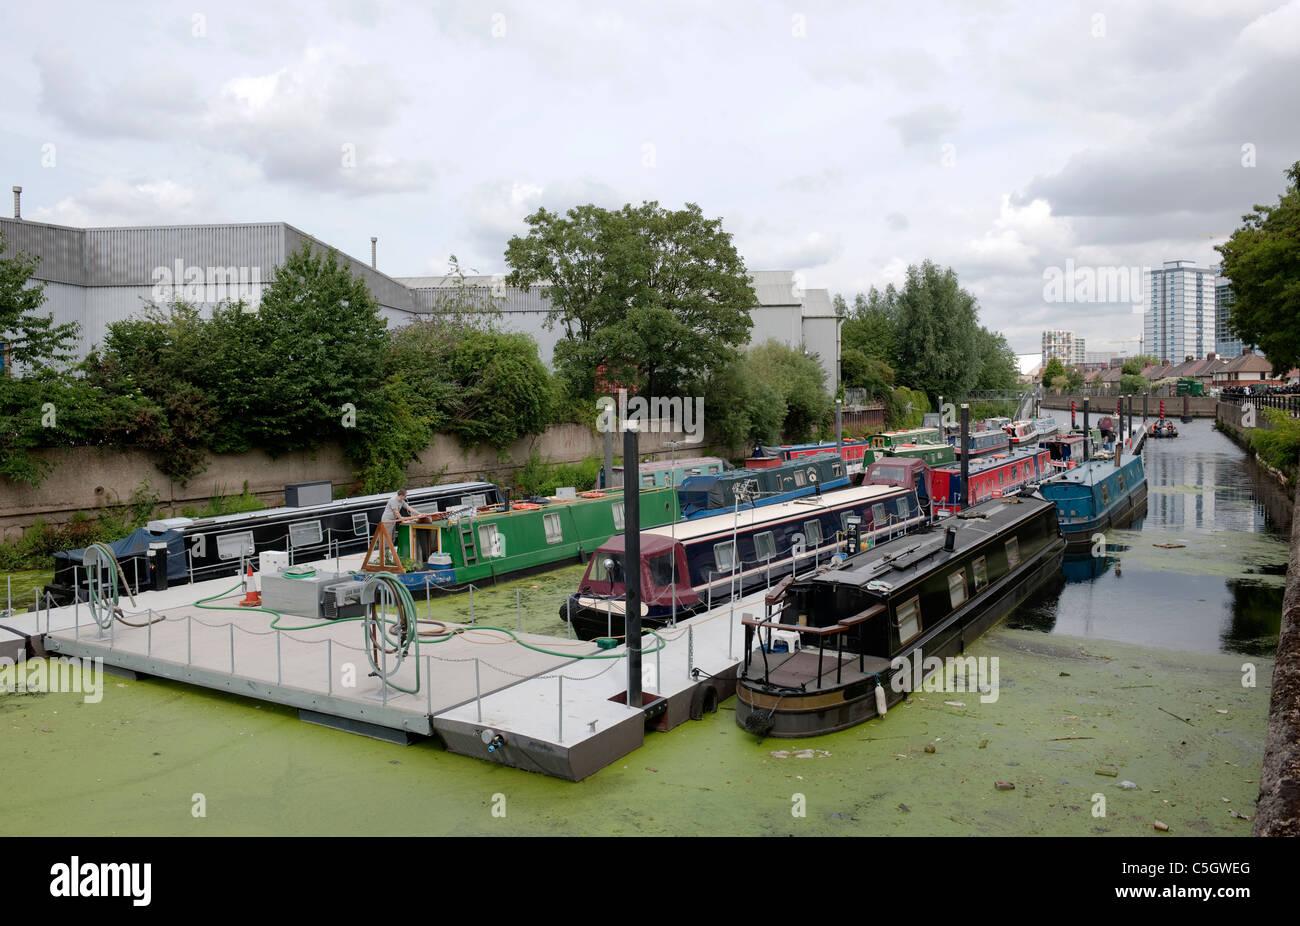 Schmale Boote ankern in drei Mühlen Wand River, Bromley-durch-Bow London Stockbild